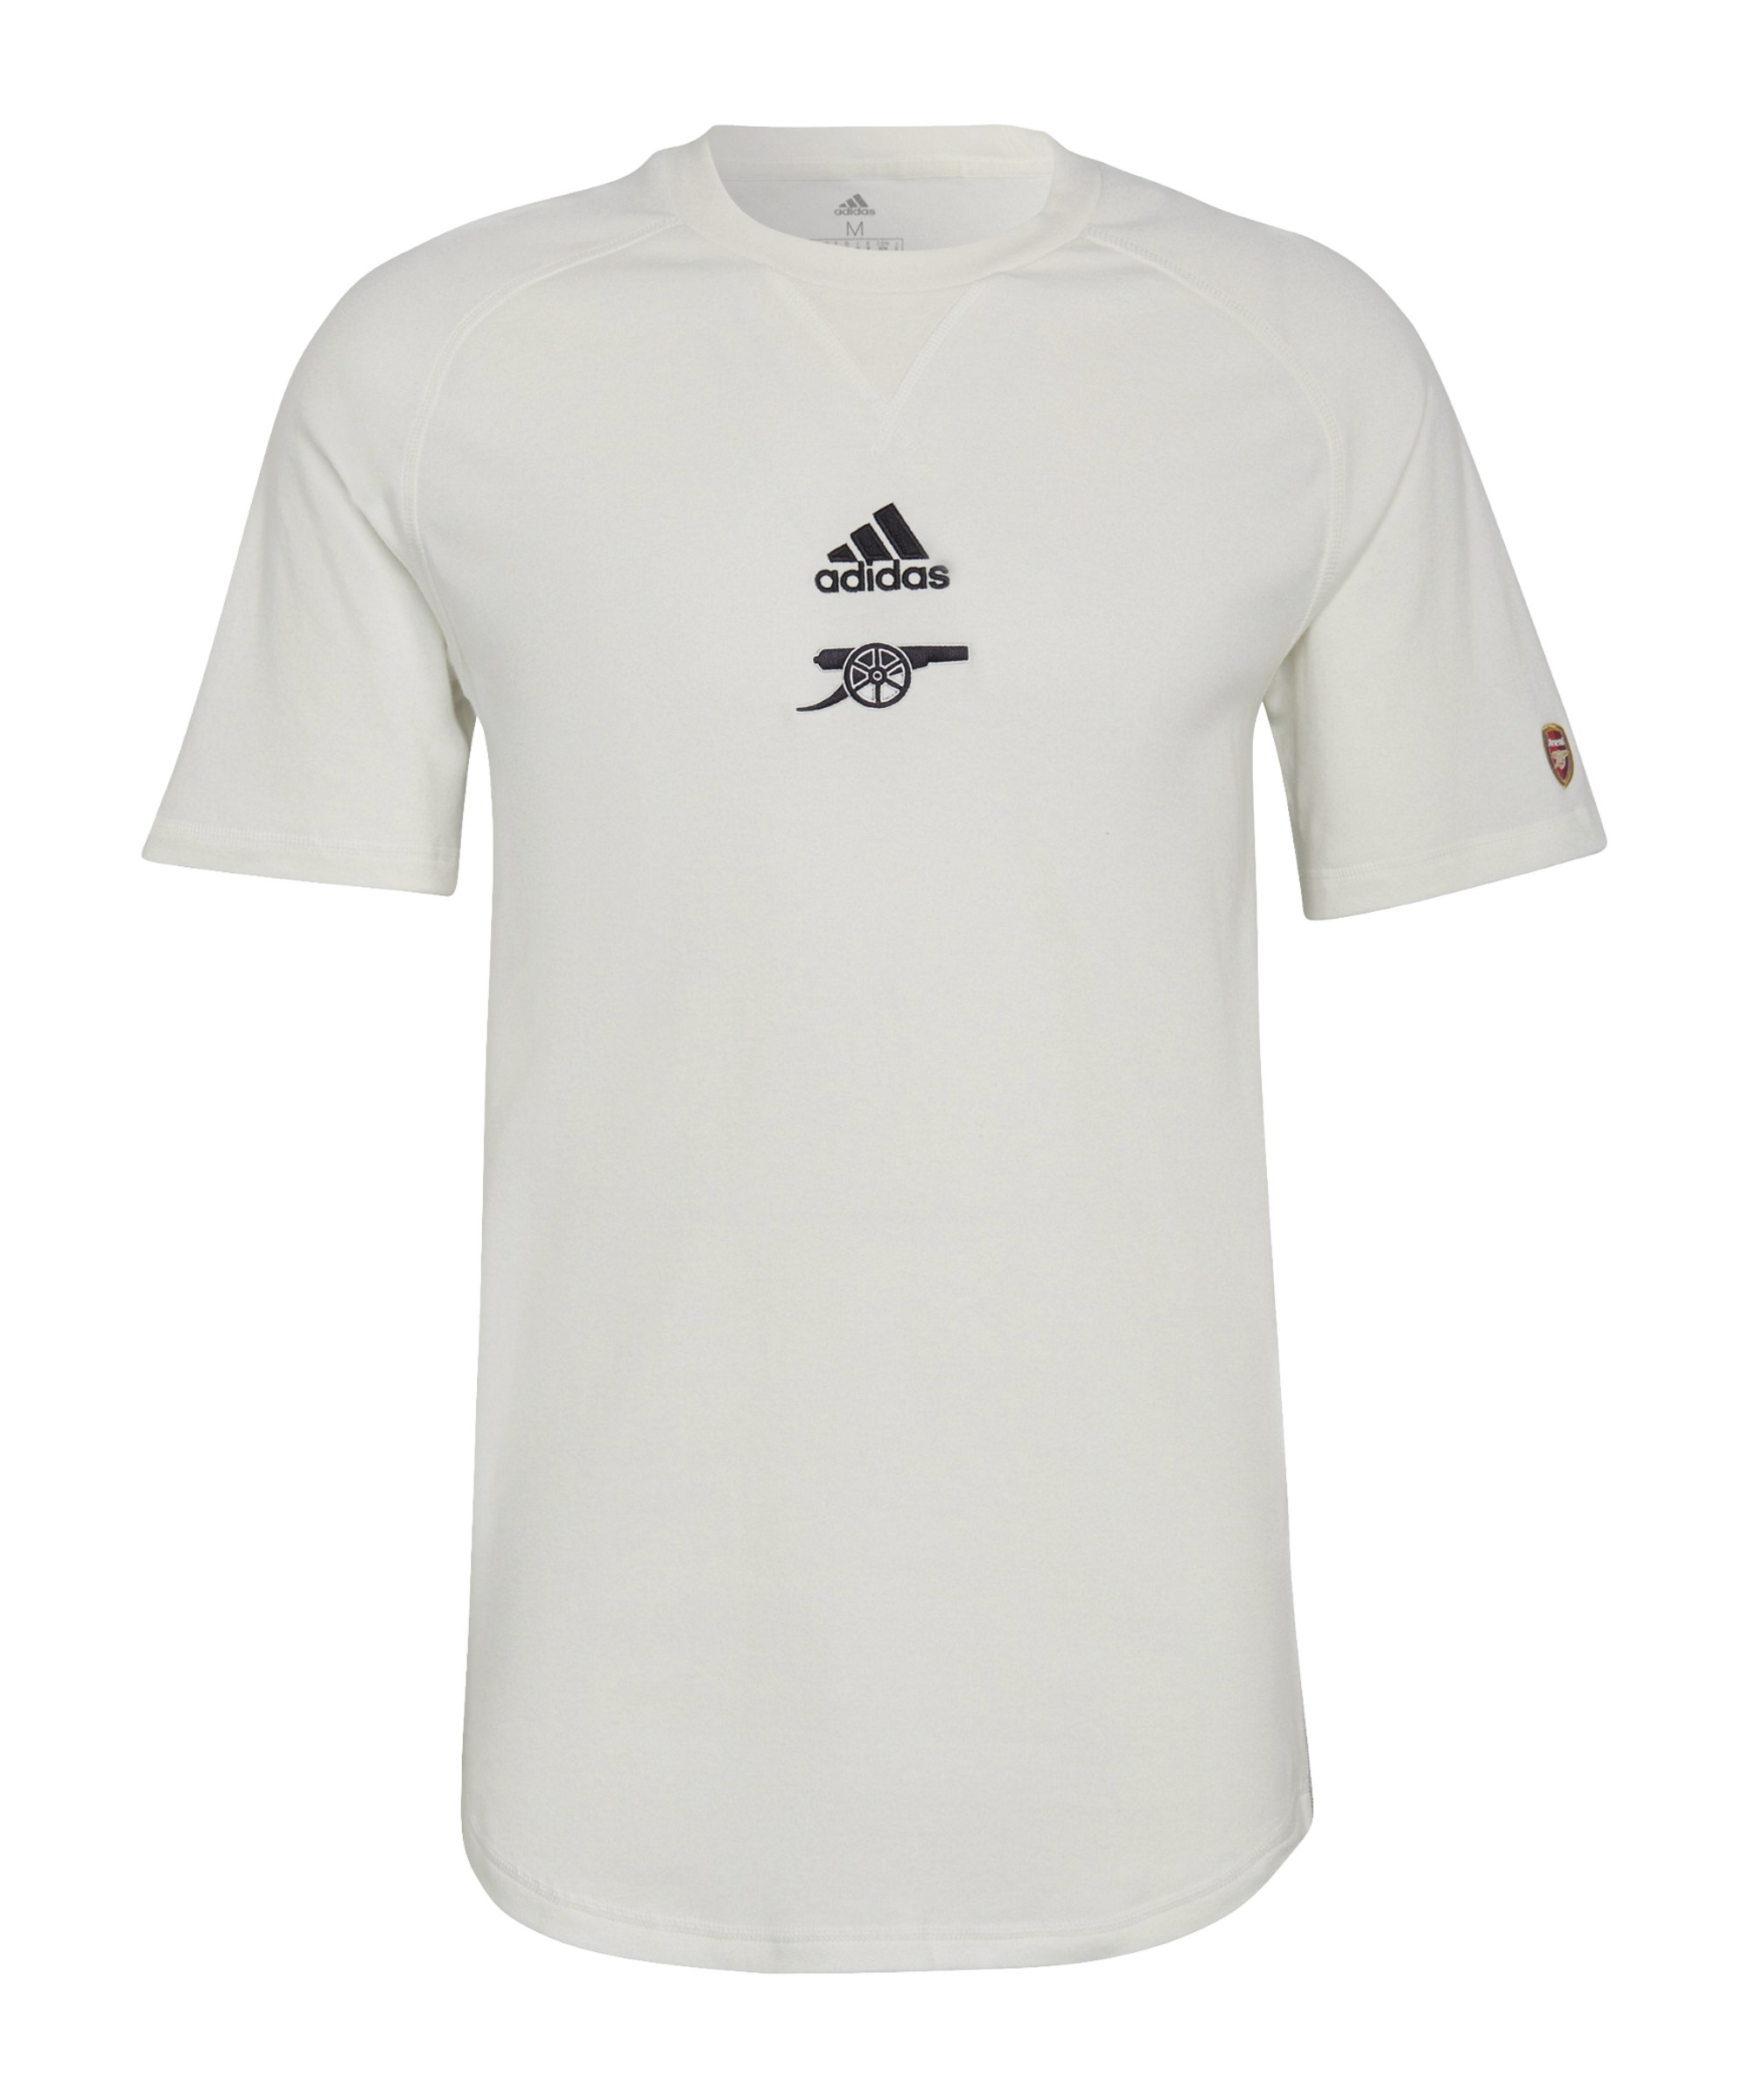 adidas FC Arsenal London T-Shirt Weiss - weiss